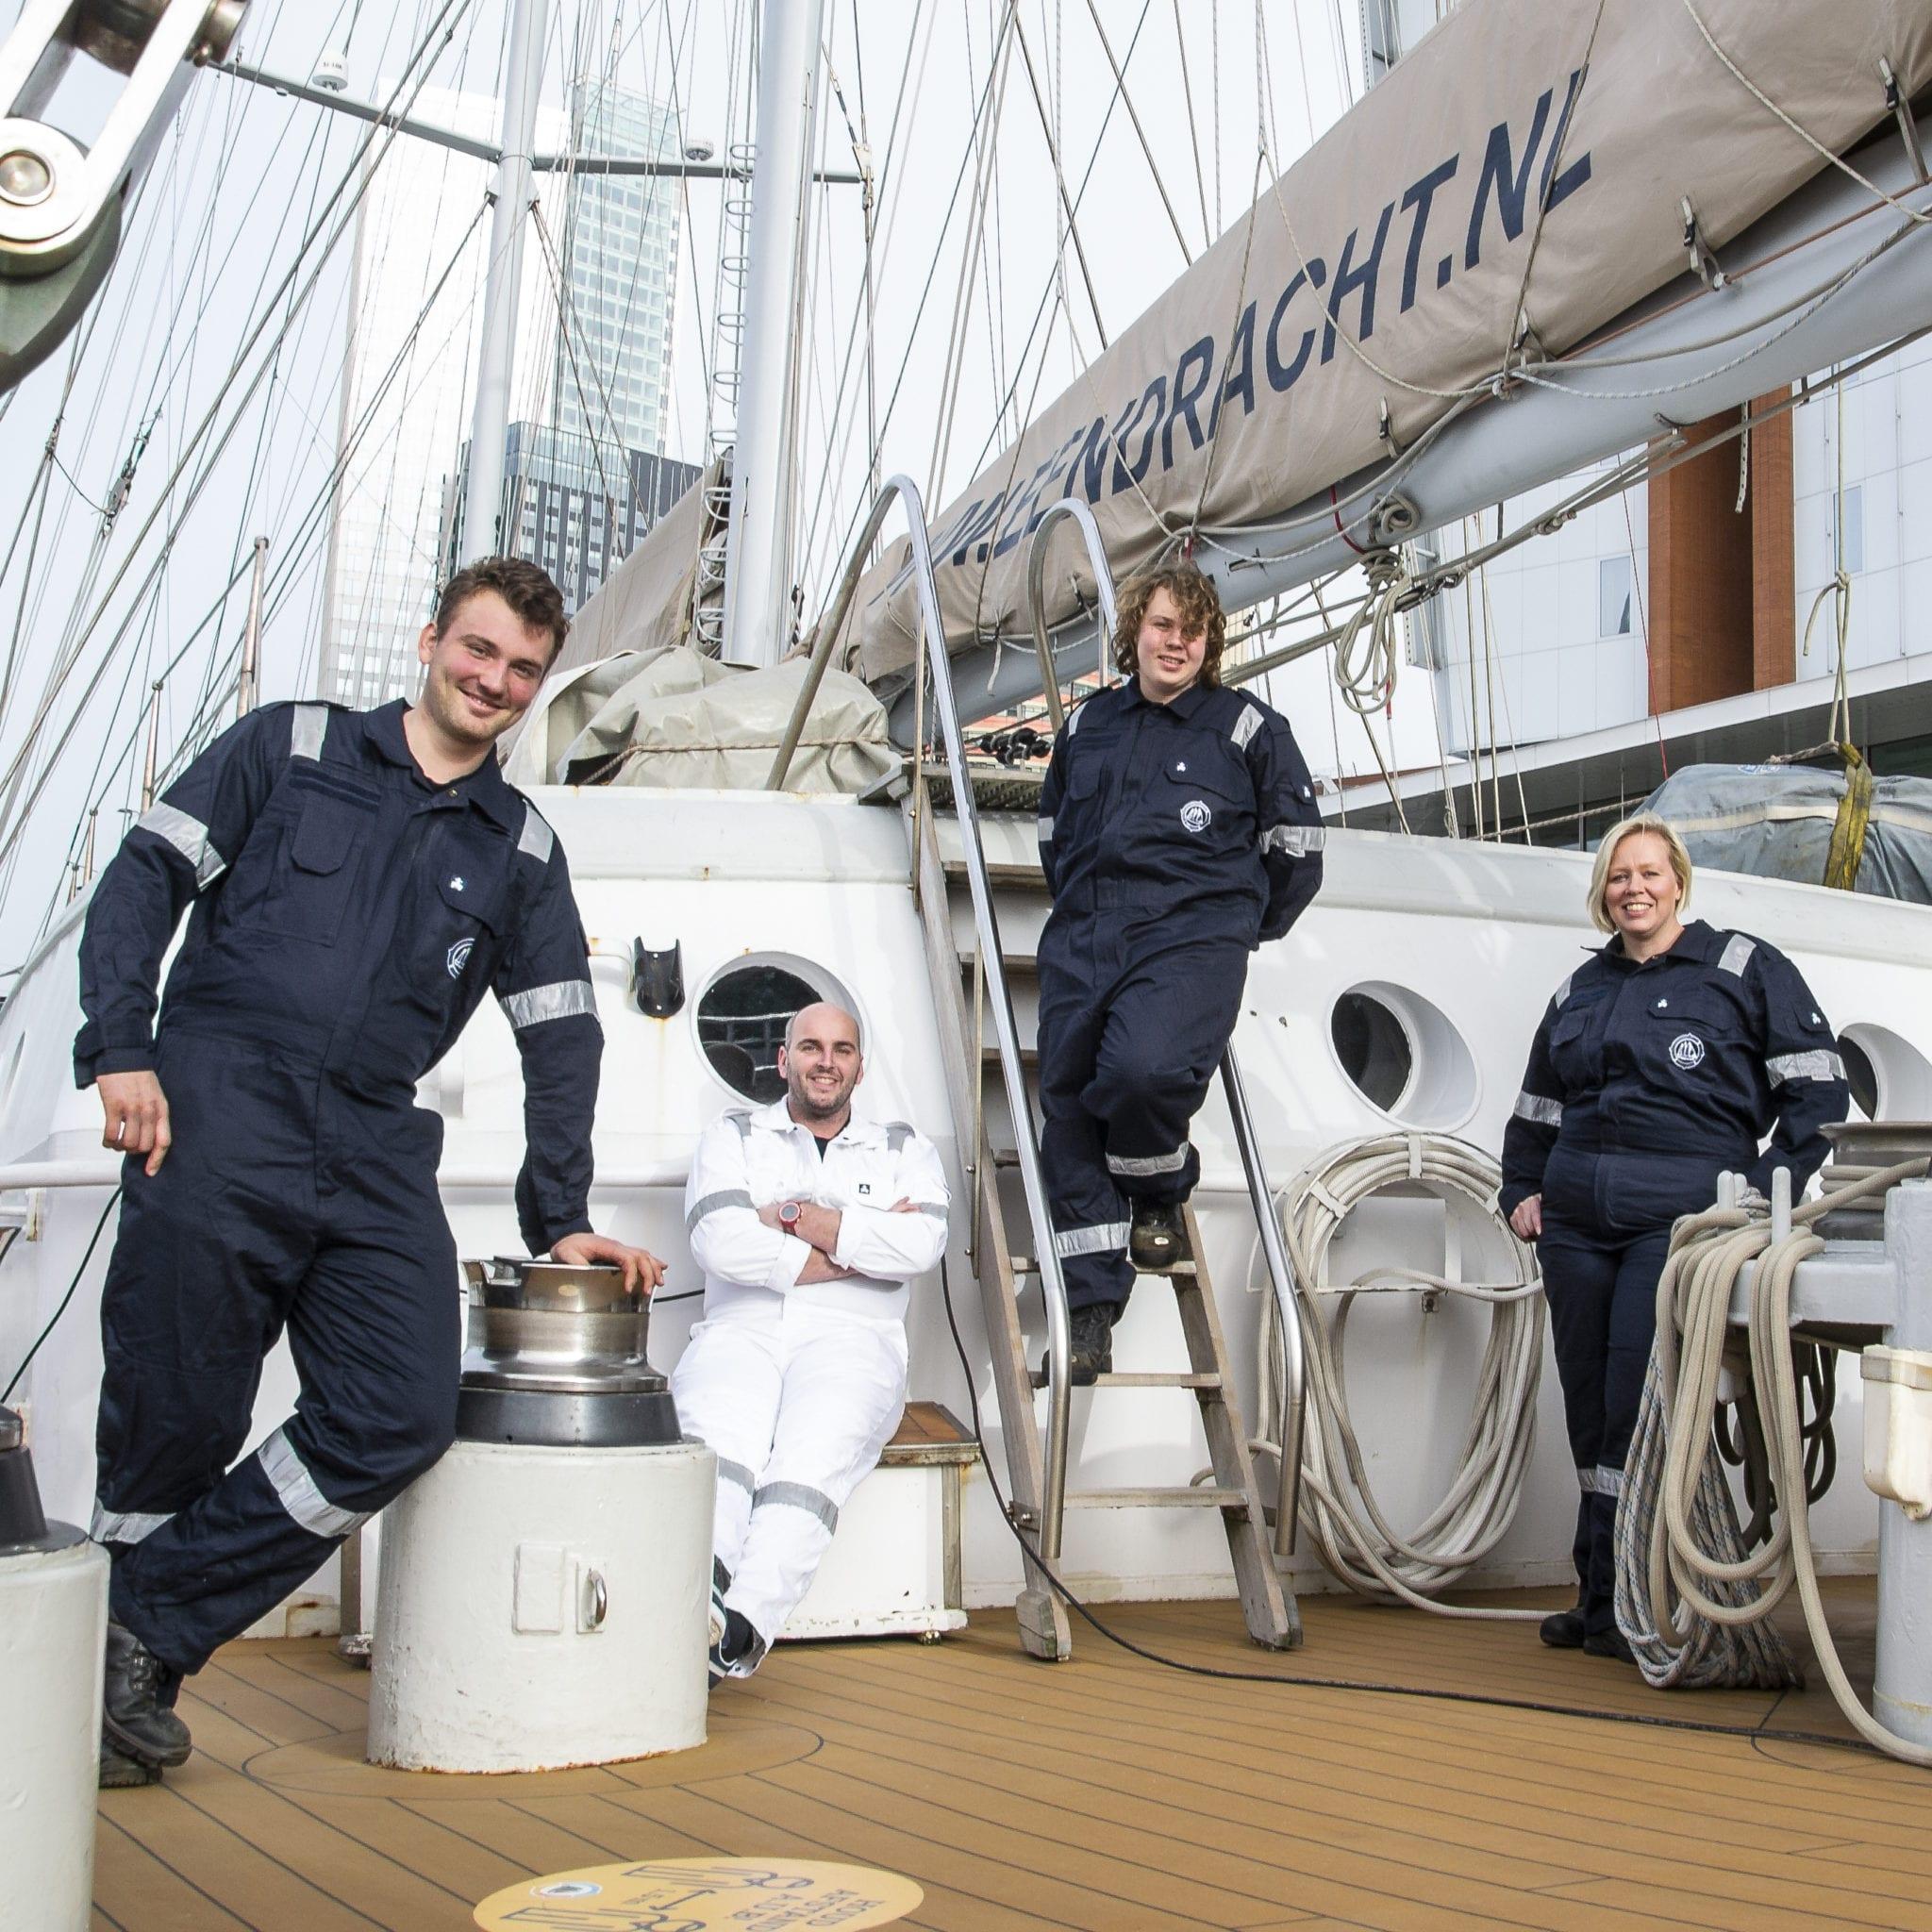 Scandia Gear sponsort coveralls voor Eendracht-crew